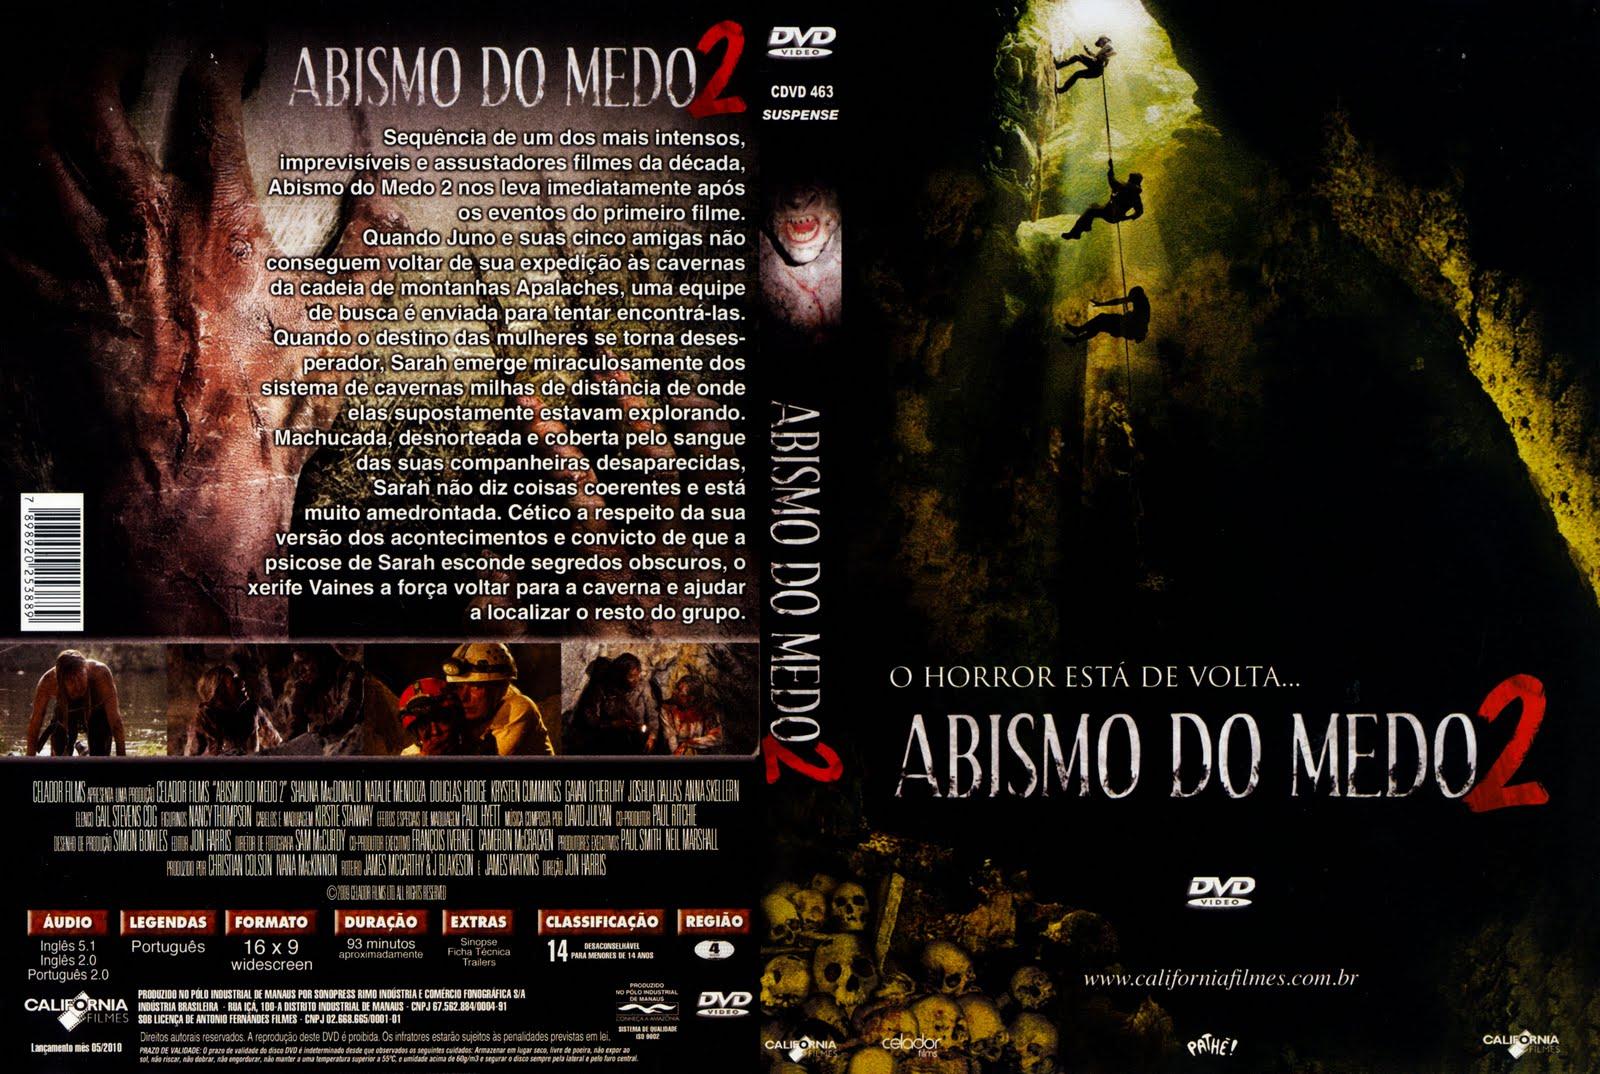 Abismo do Medo 2 (2009) Torrent – Dublado BluRay Rip 1080p